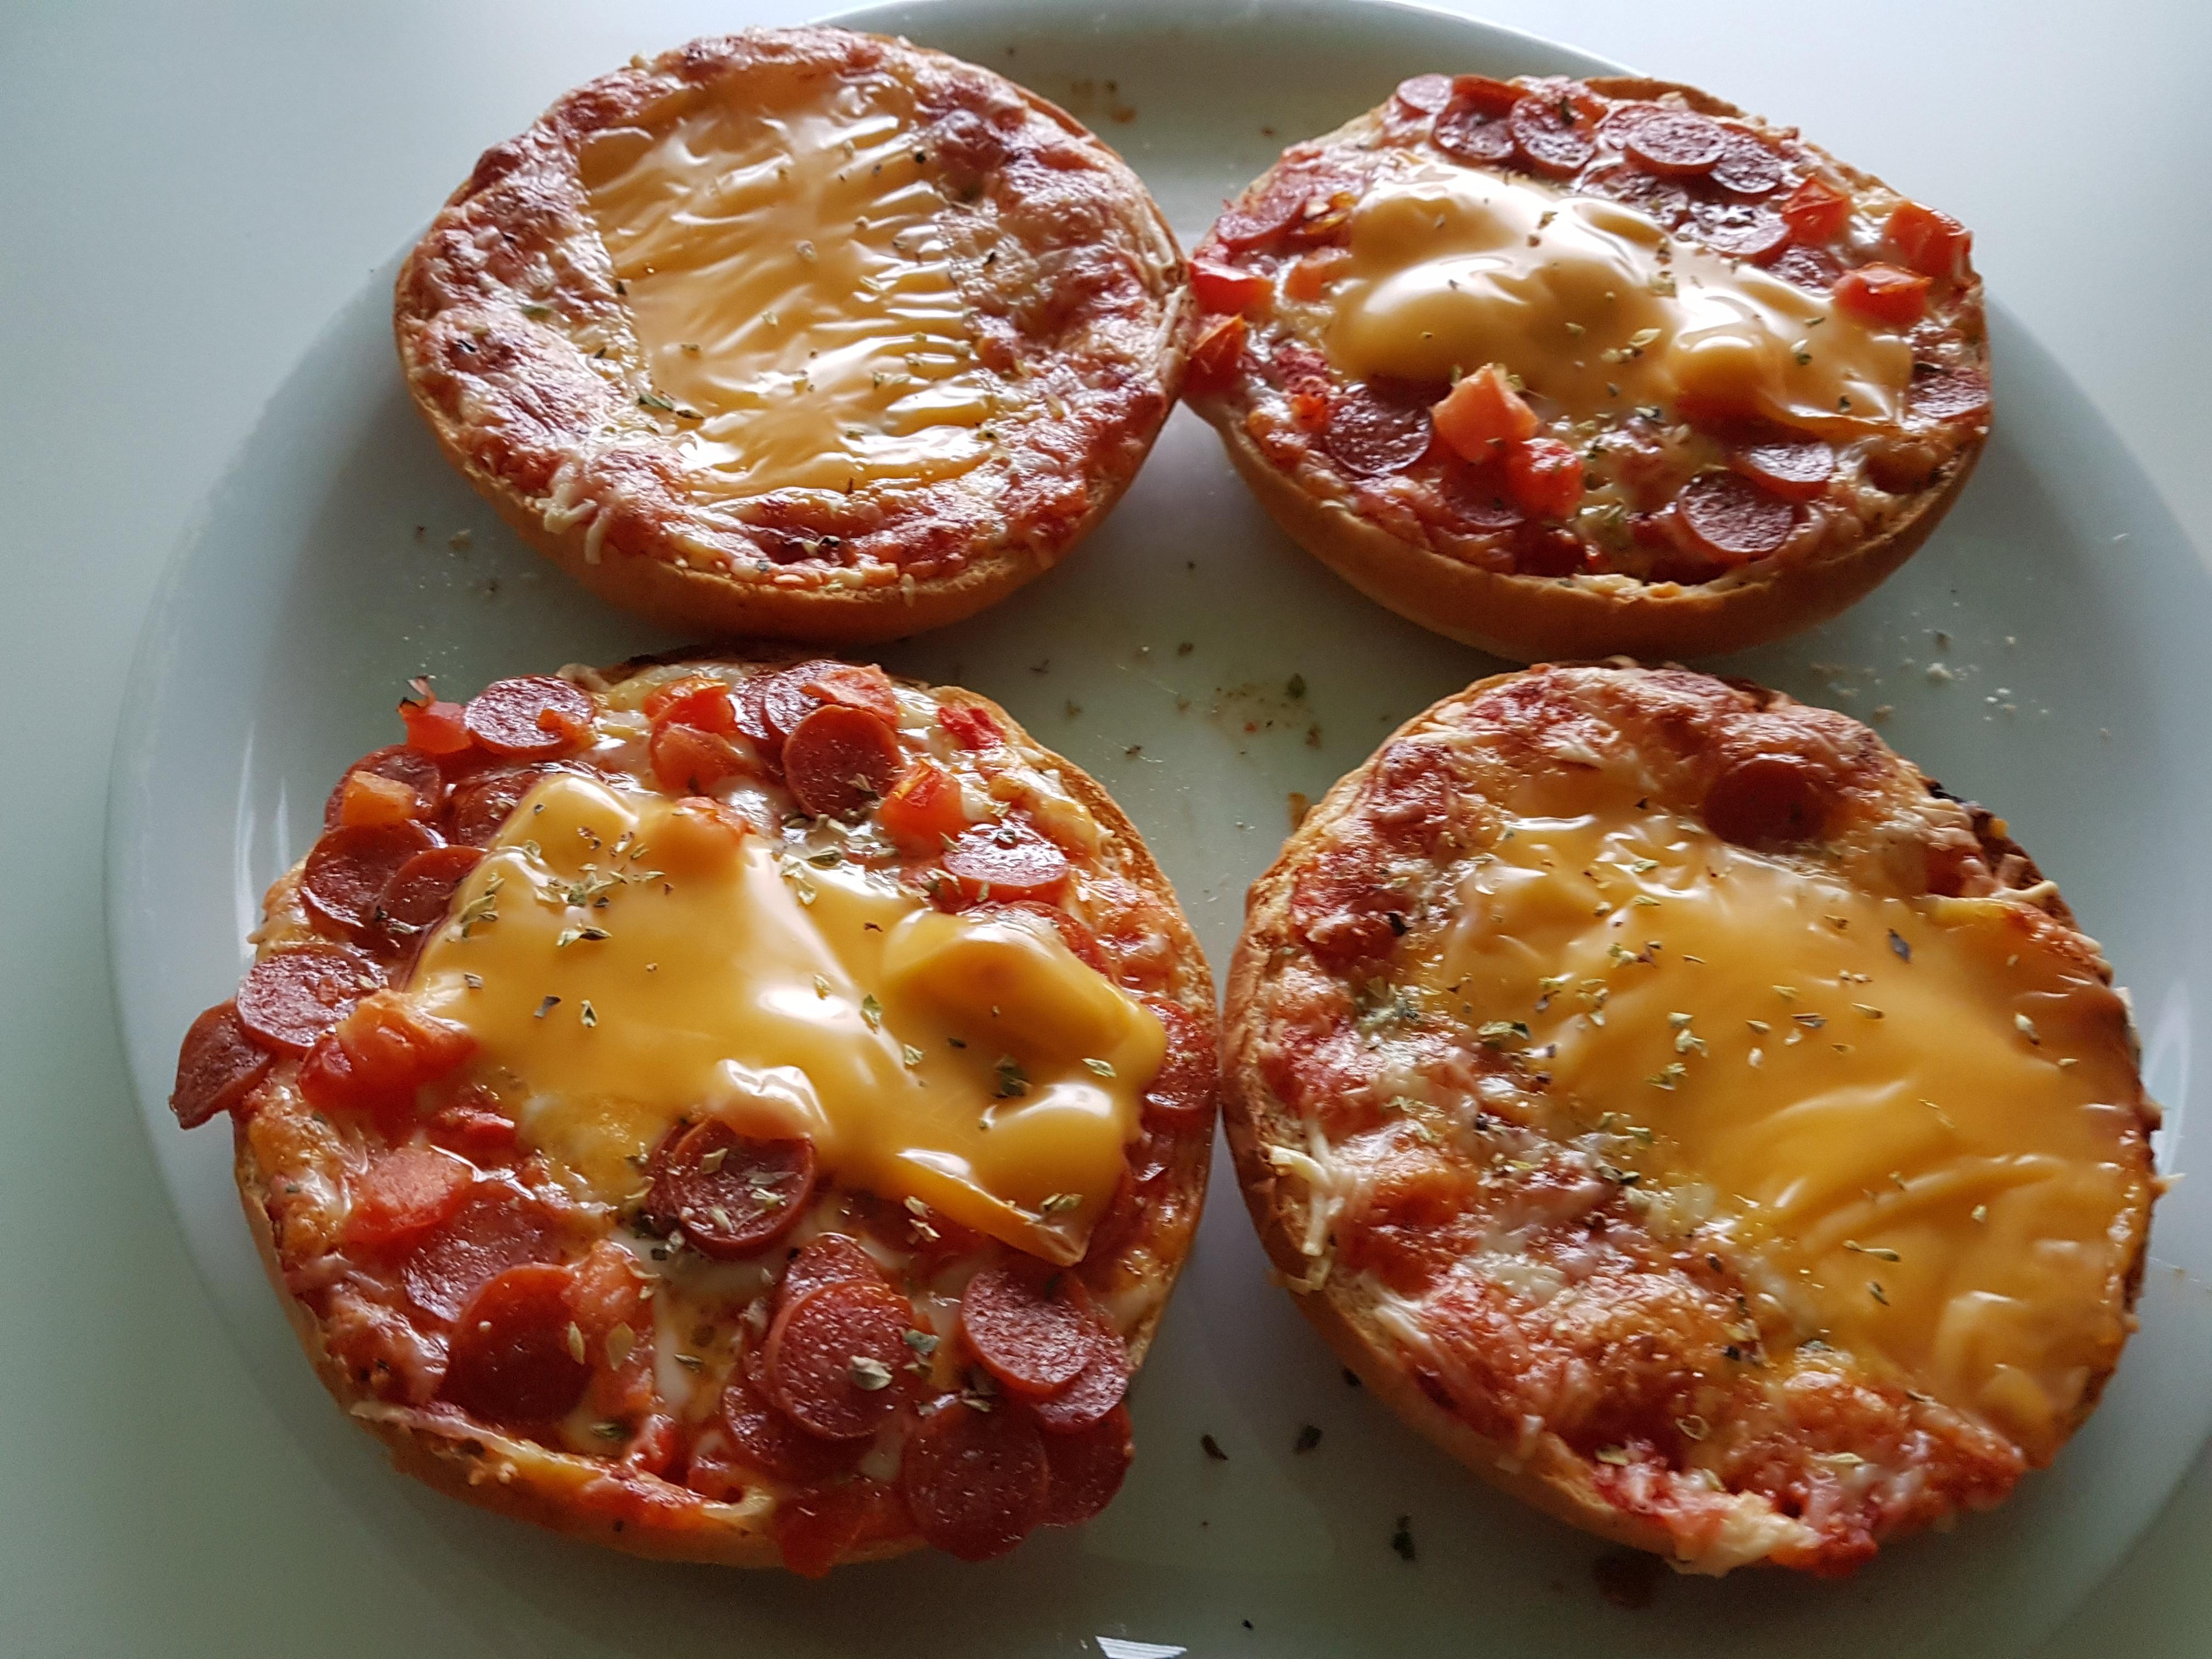 http://foodloader.net/Holz_2017-08-08_Pizzaburger.jpg